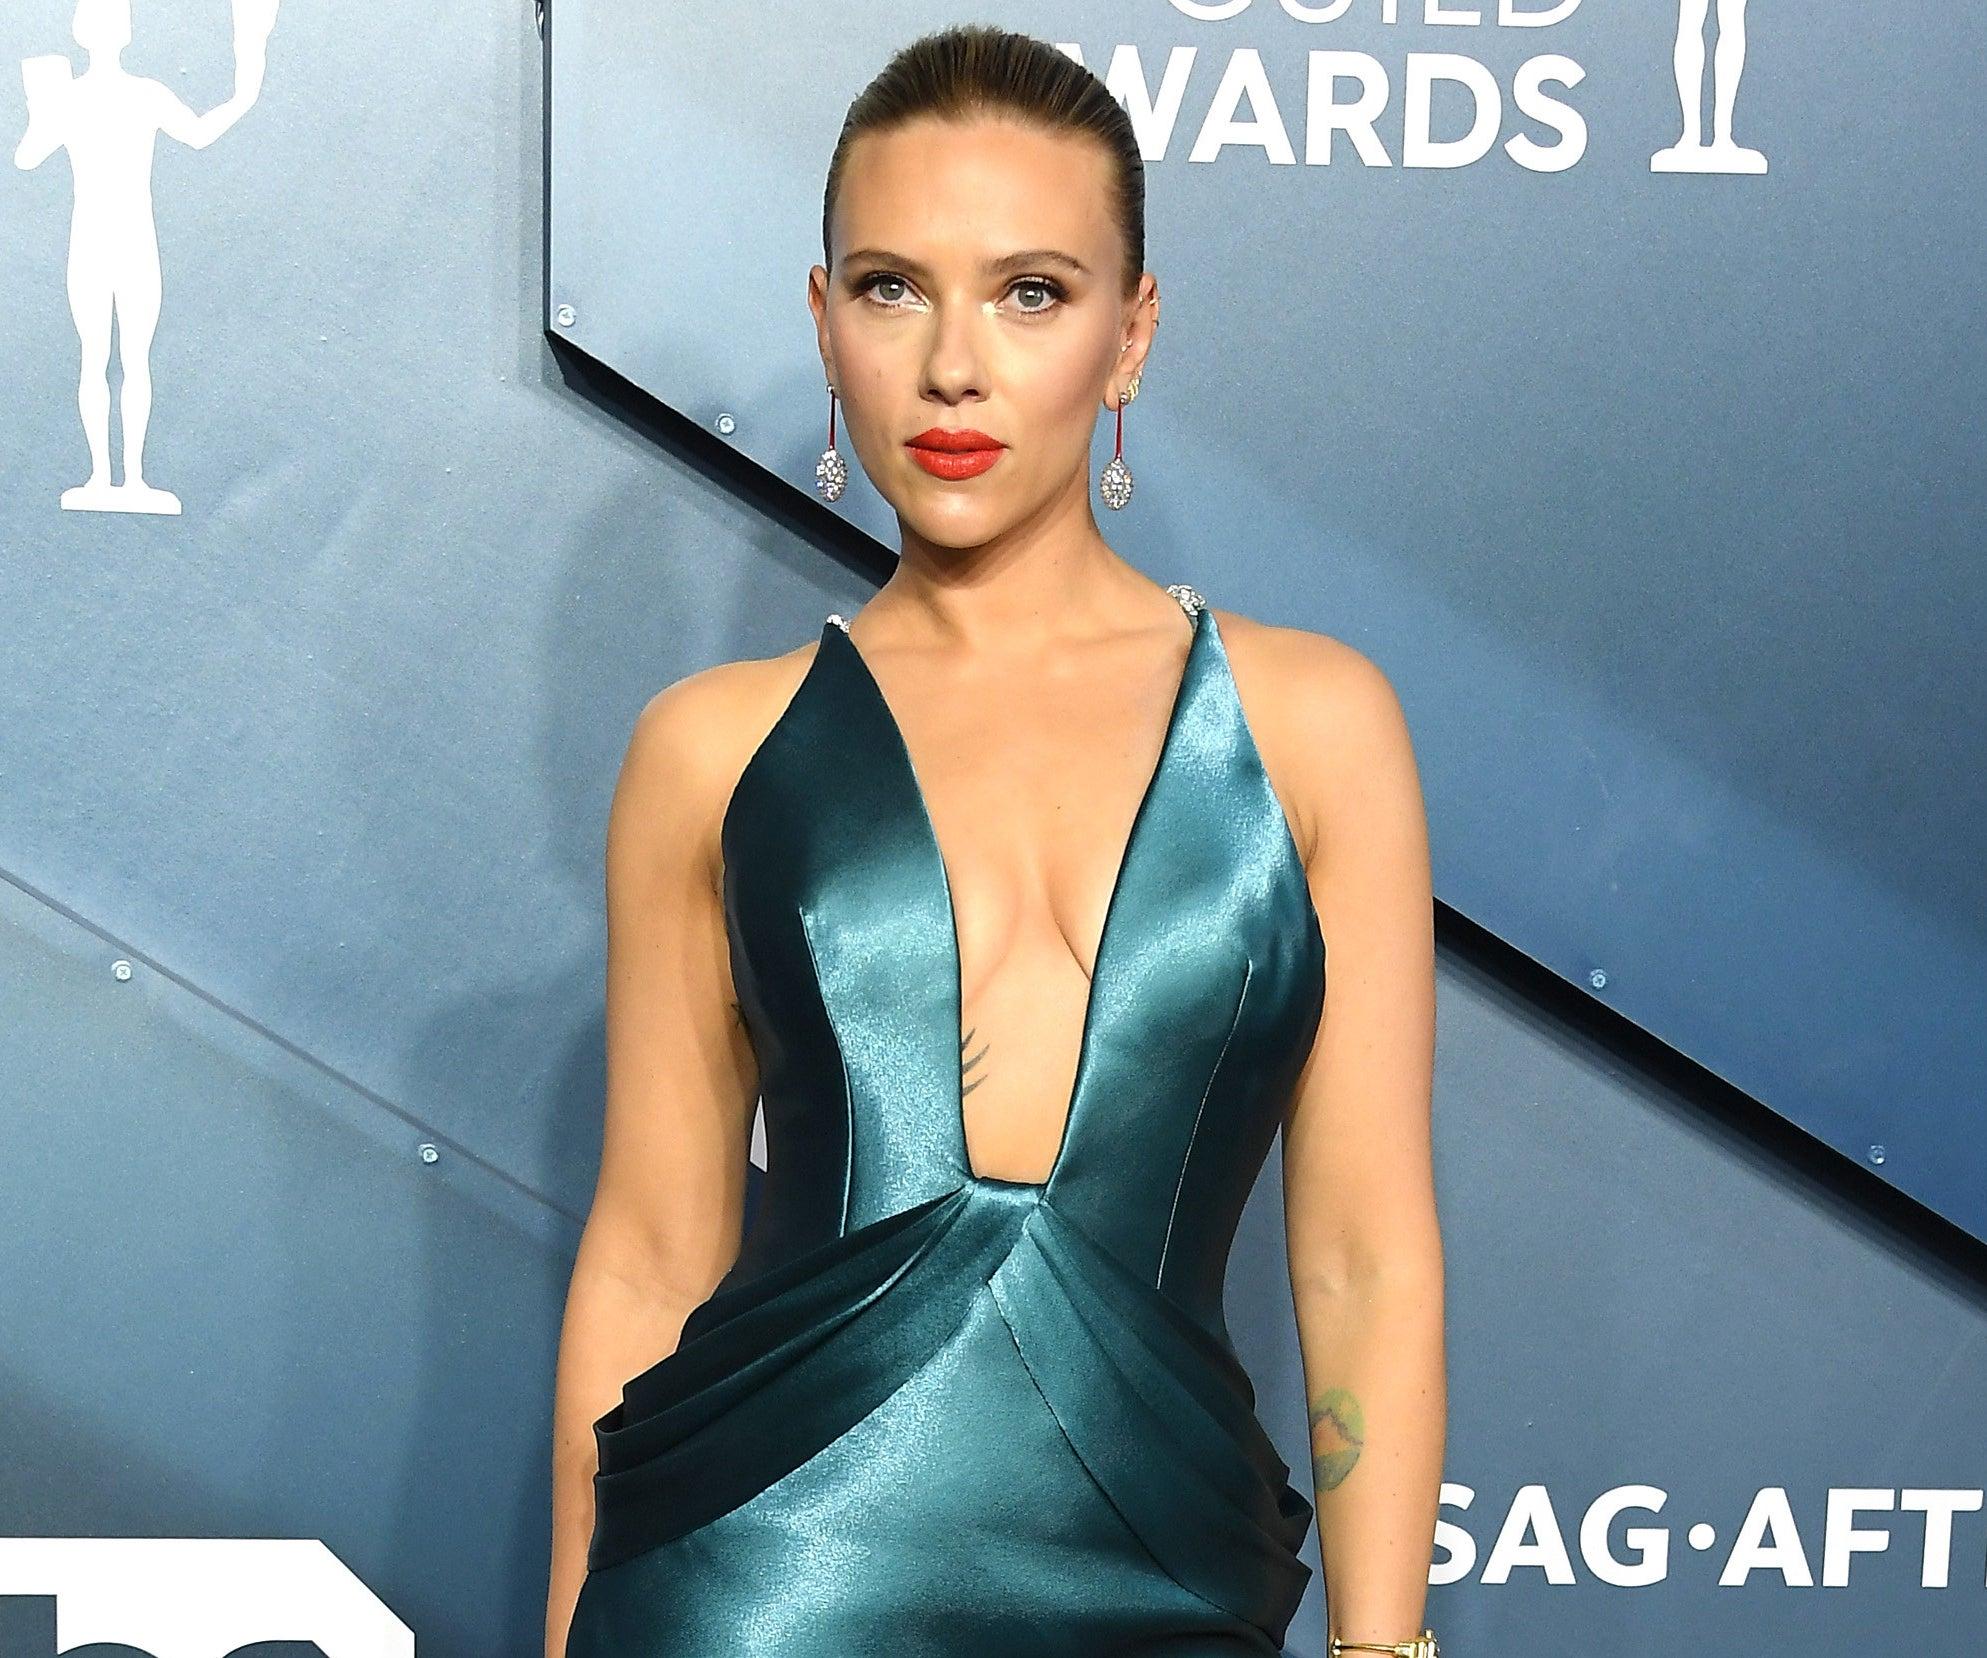 Scarlett wears a teal silk dress